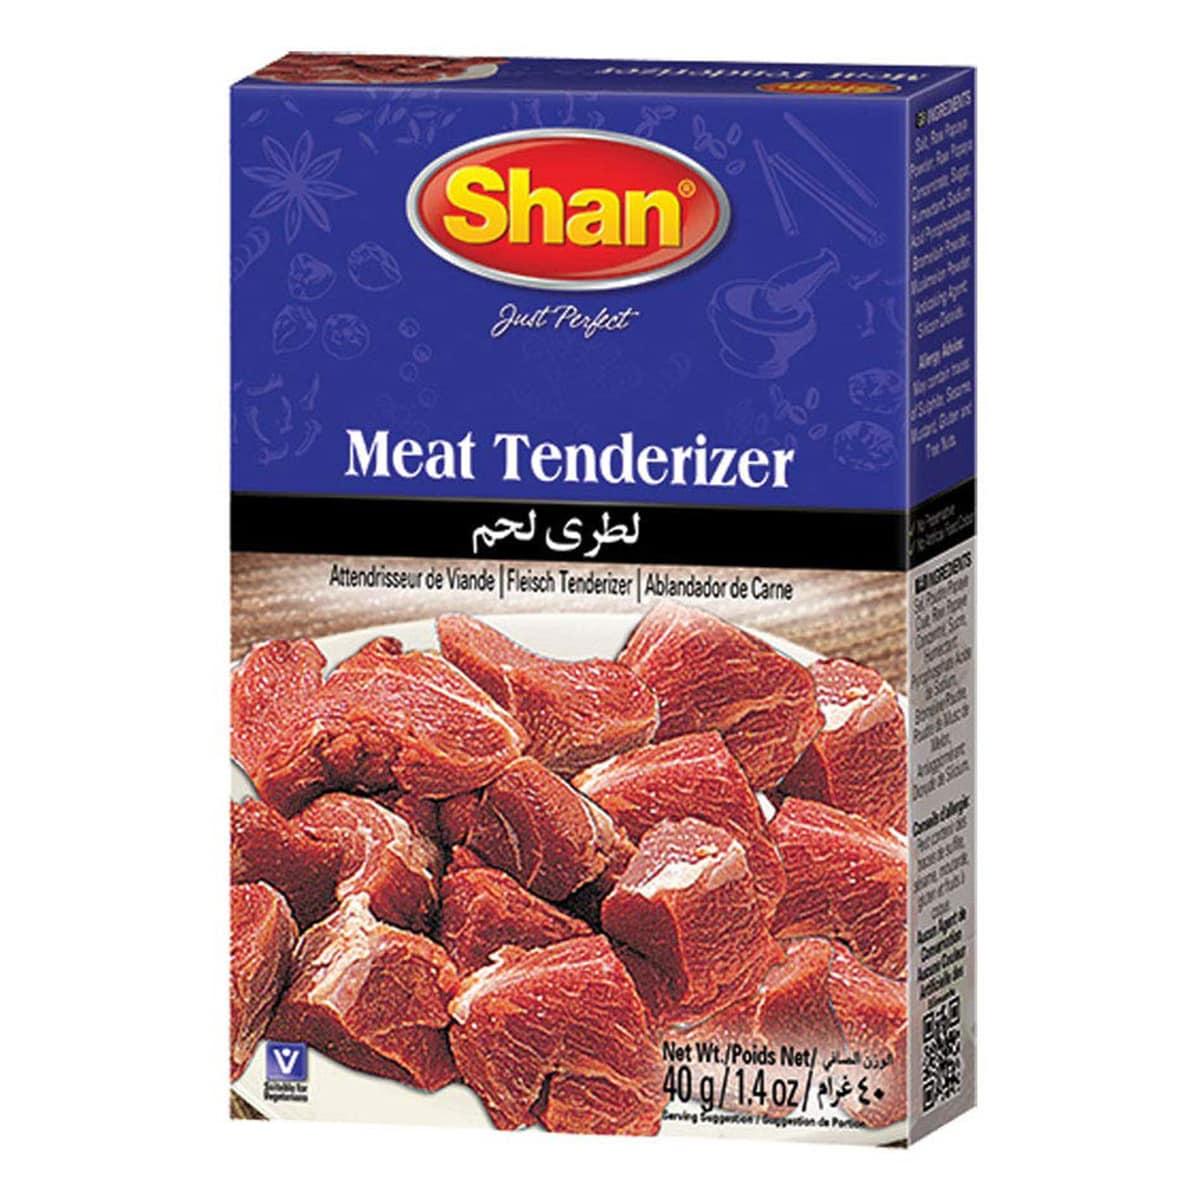 Buy Shan Meat Tenderizer - 40 gm